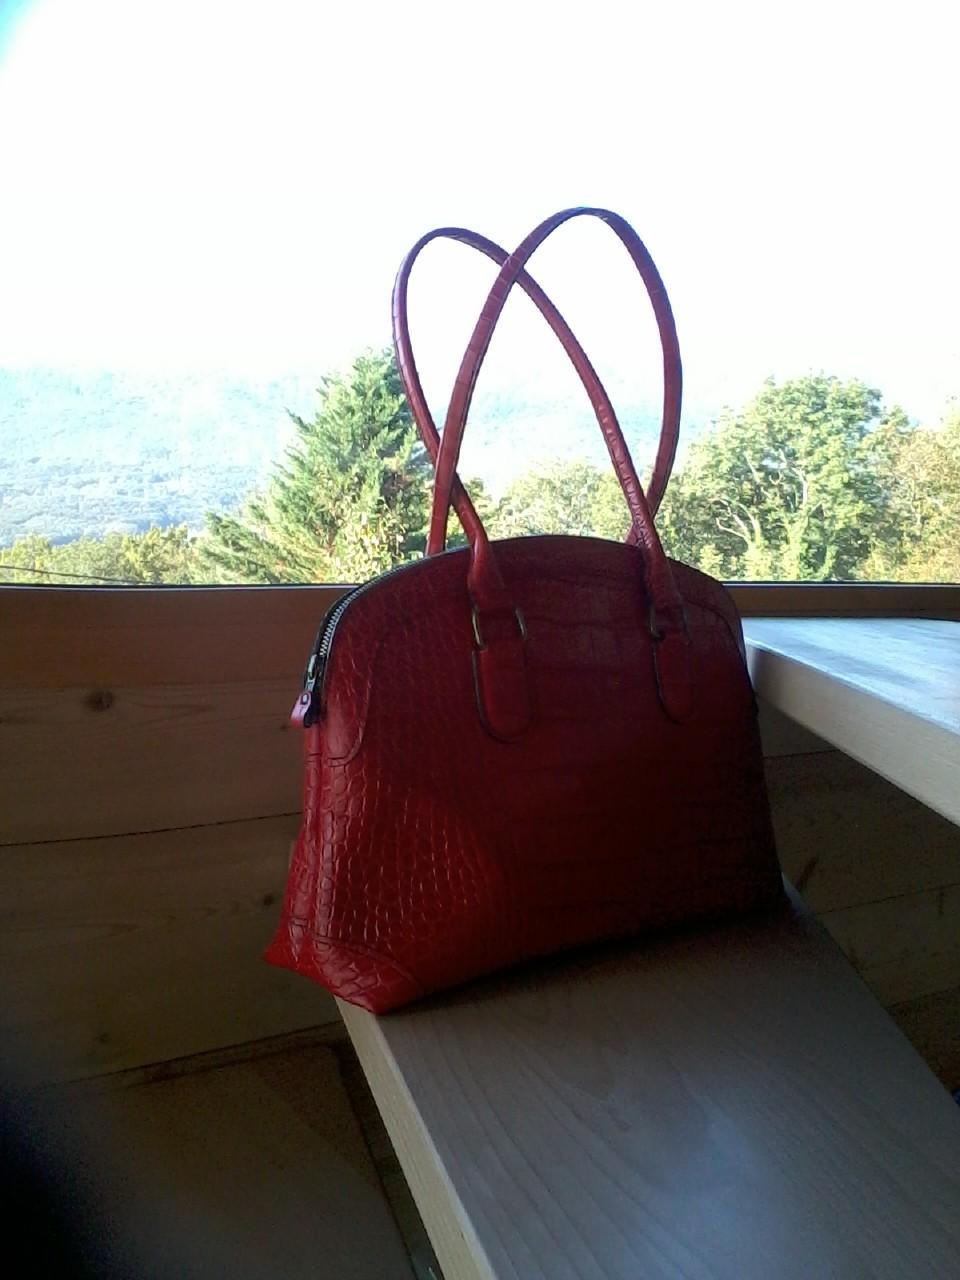 sac à main en cuir vachette rouge imitation crocodile, doublé velours beige